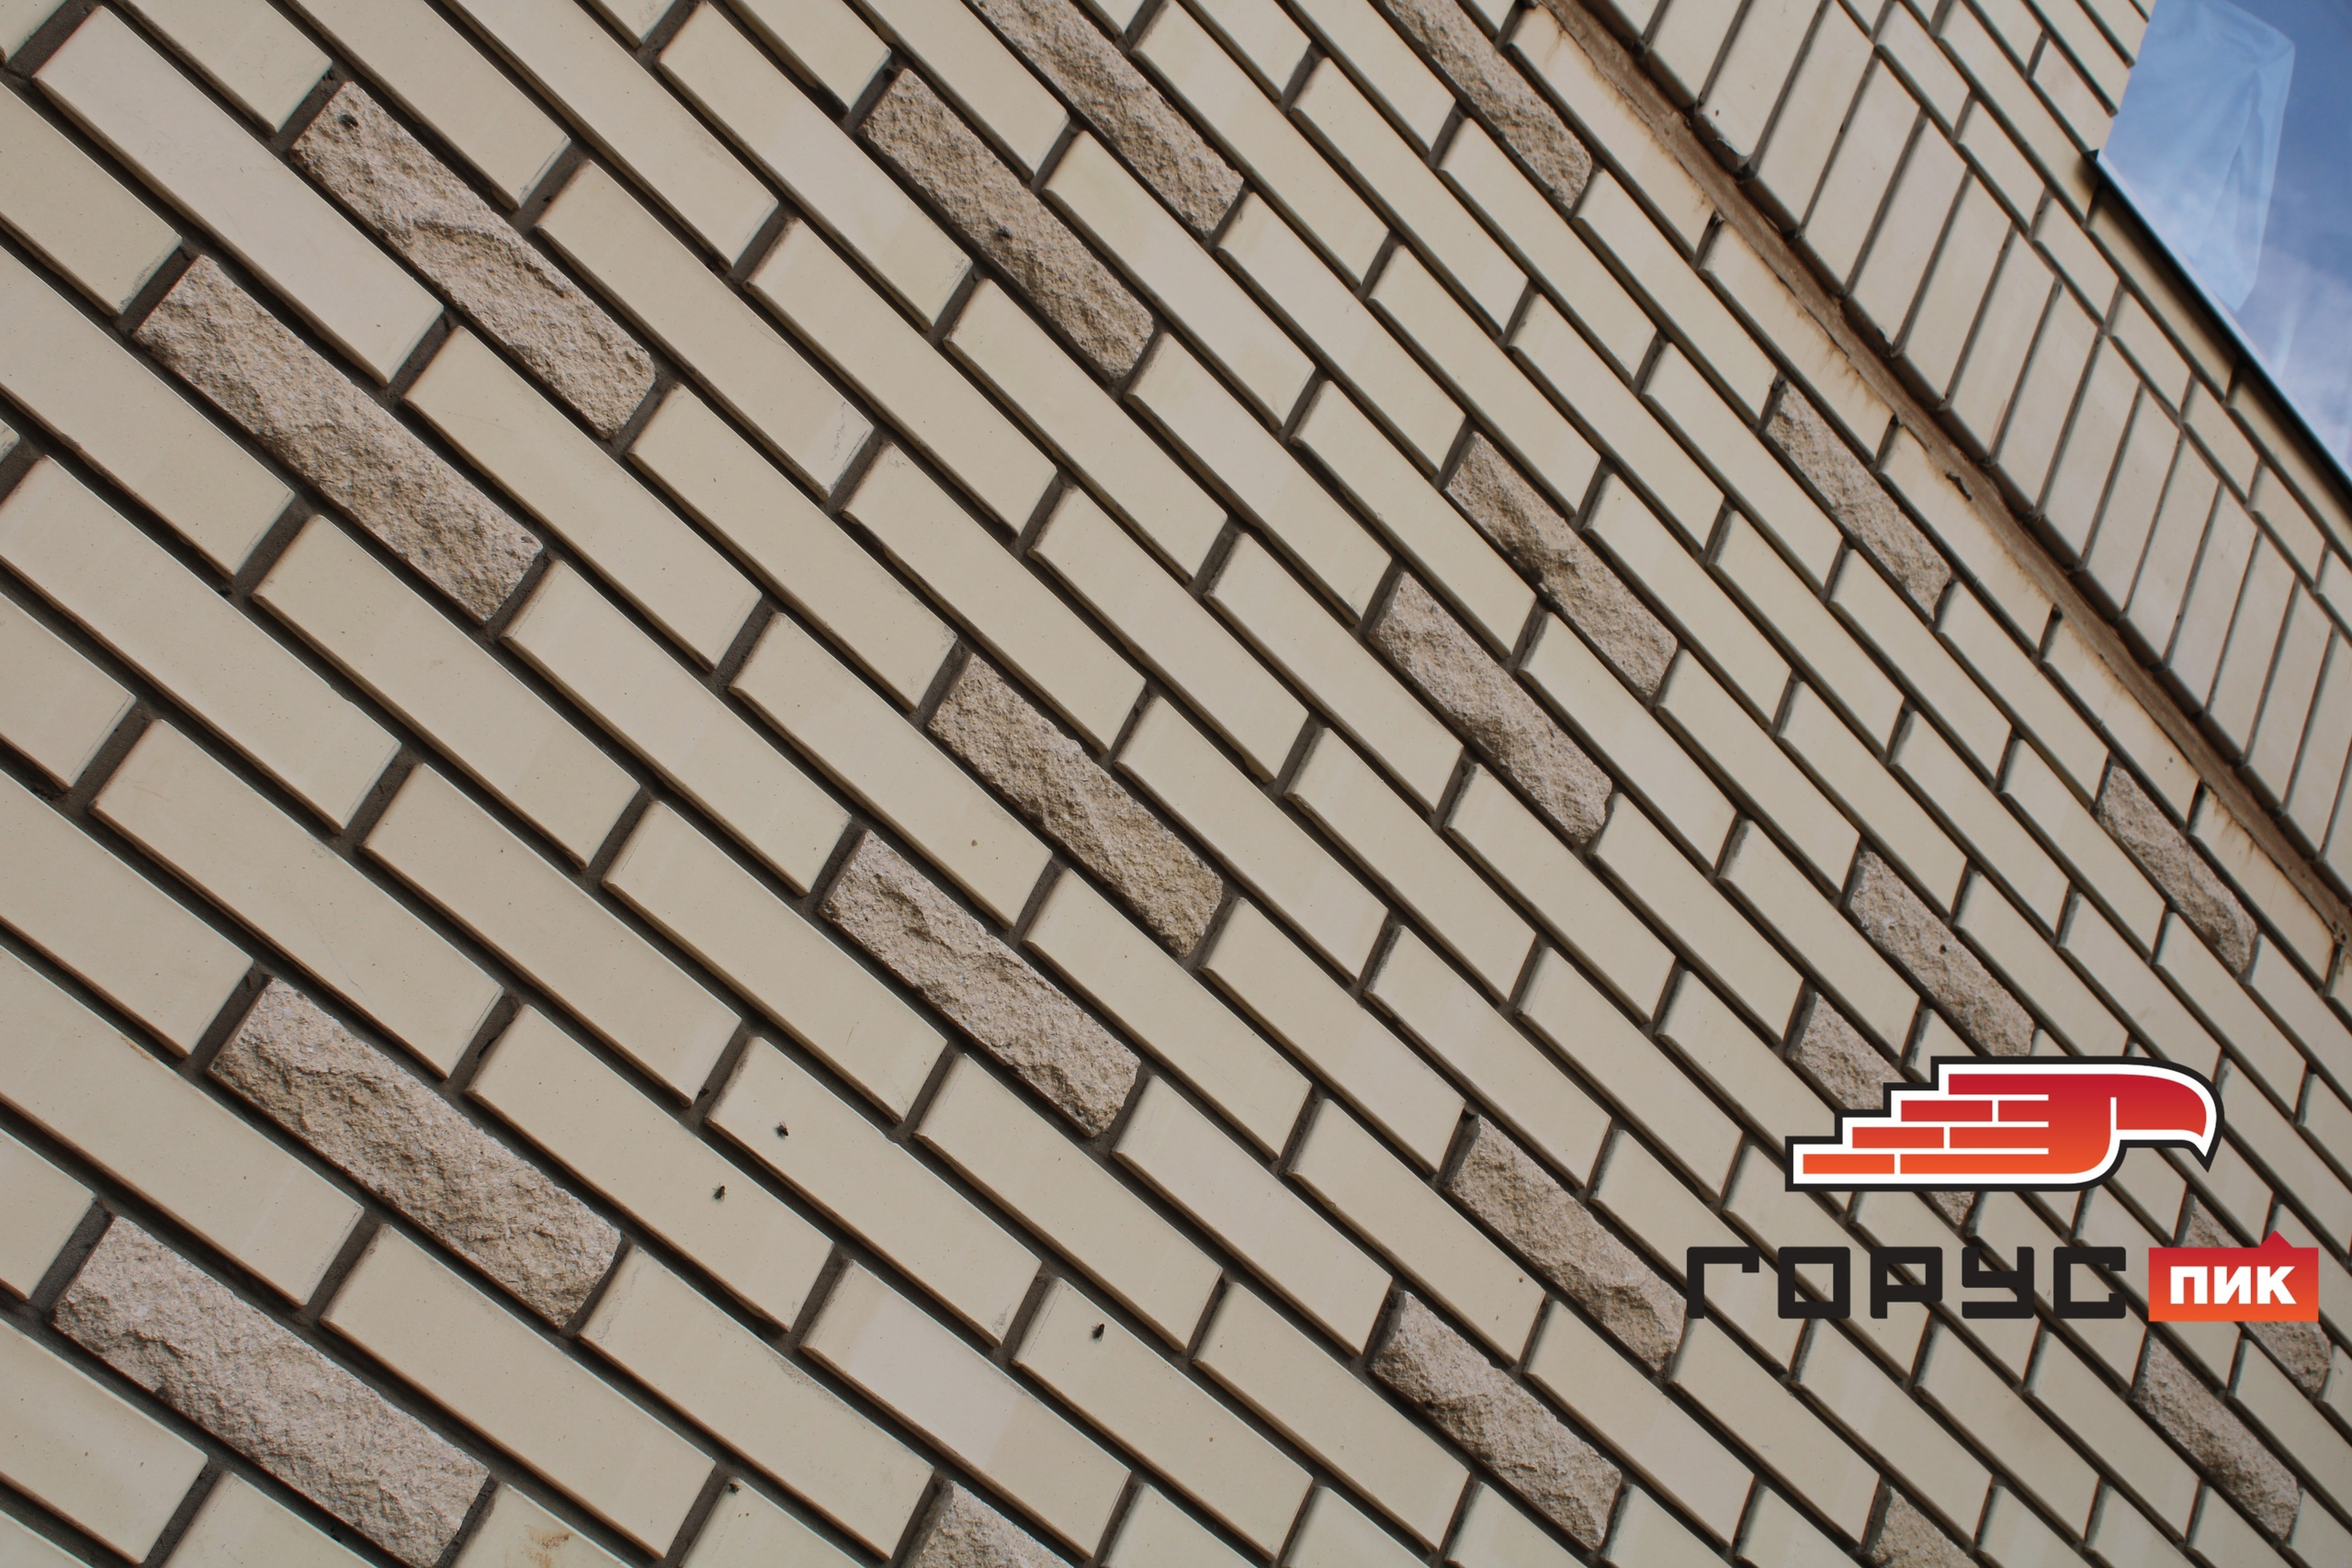 Всё больше радует тот факт, что в настоящее время застройщики, всё больше и больше применяют кирпич, как материал для облицовки фасадов многоэтажных домов.